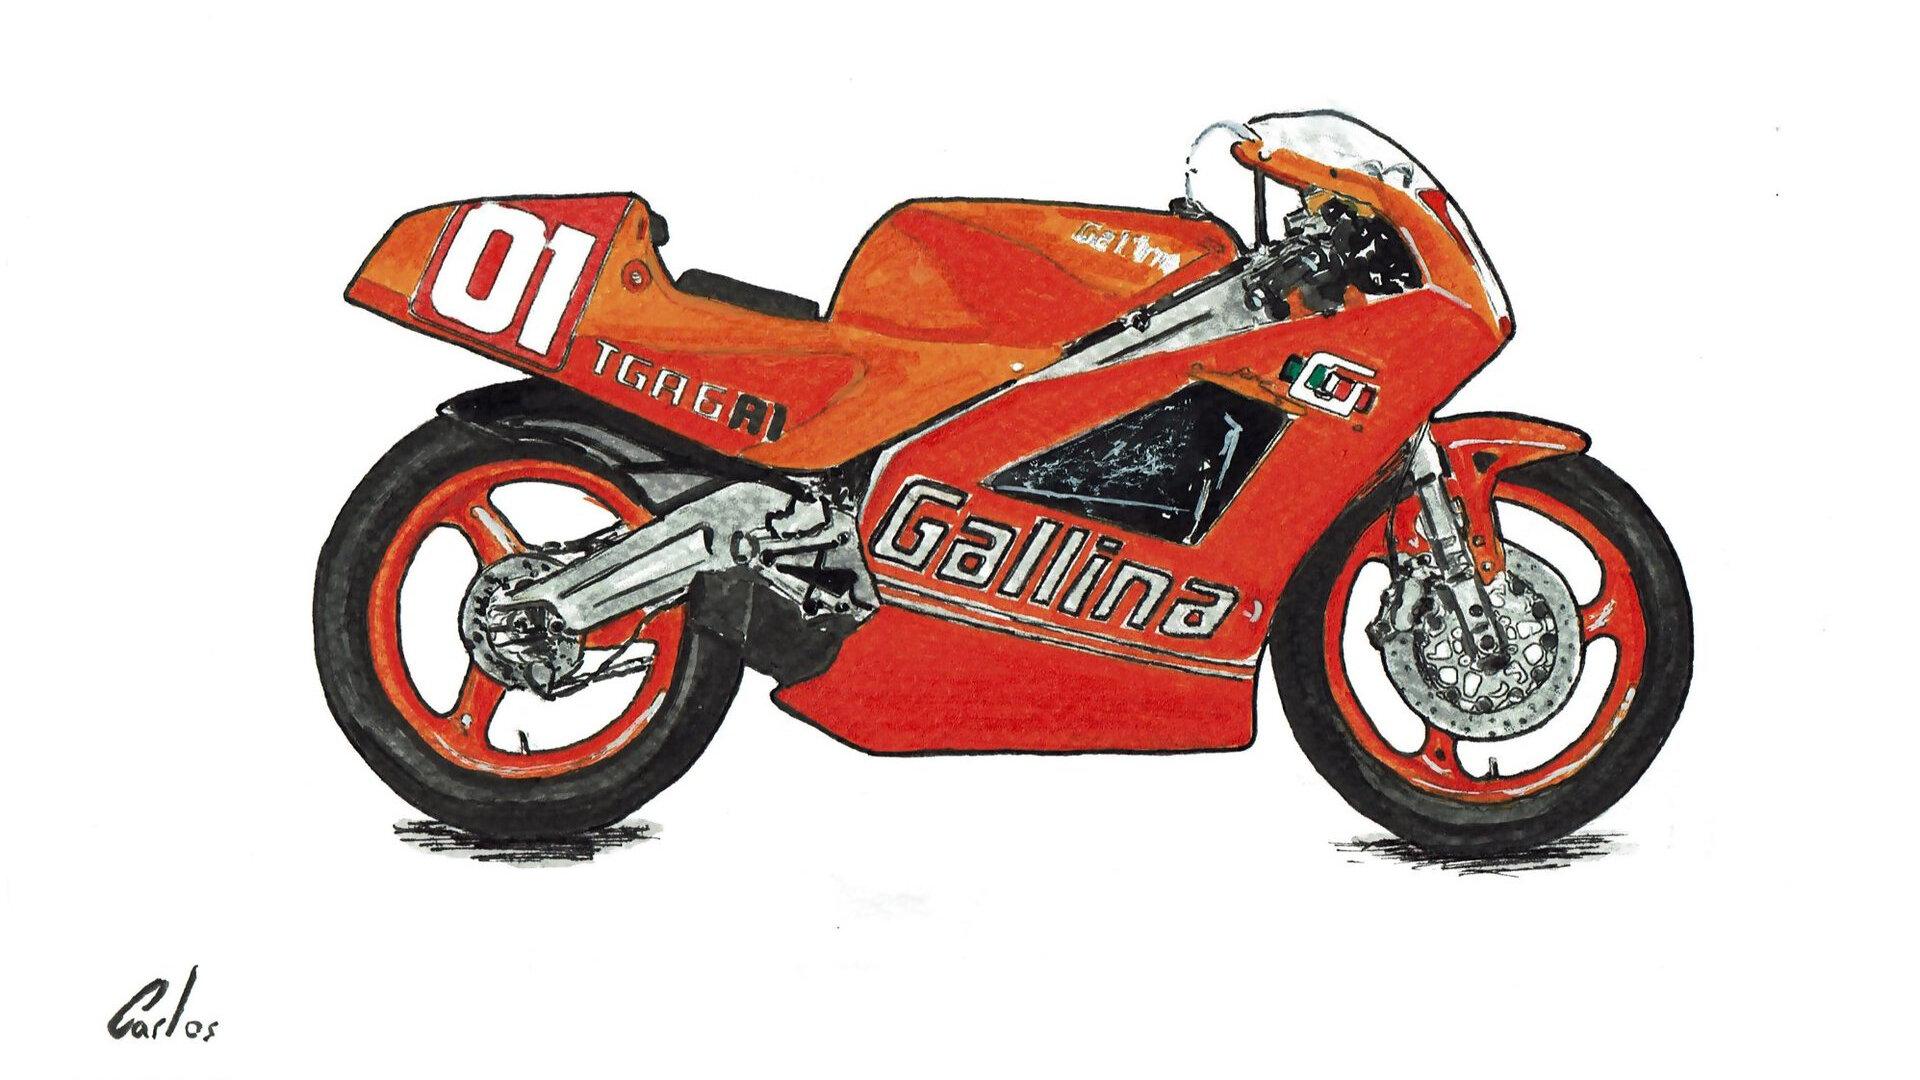 Moto del día: Suzuki Gallina TGA-6 R1/S1